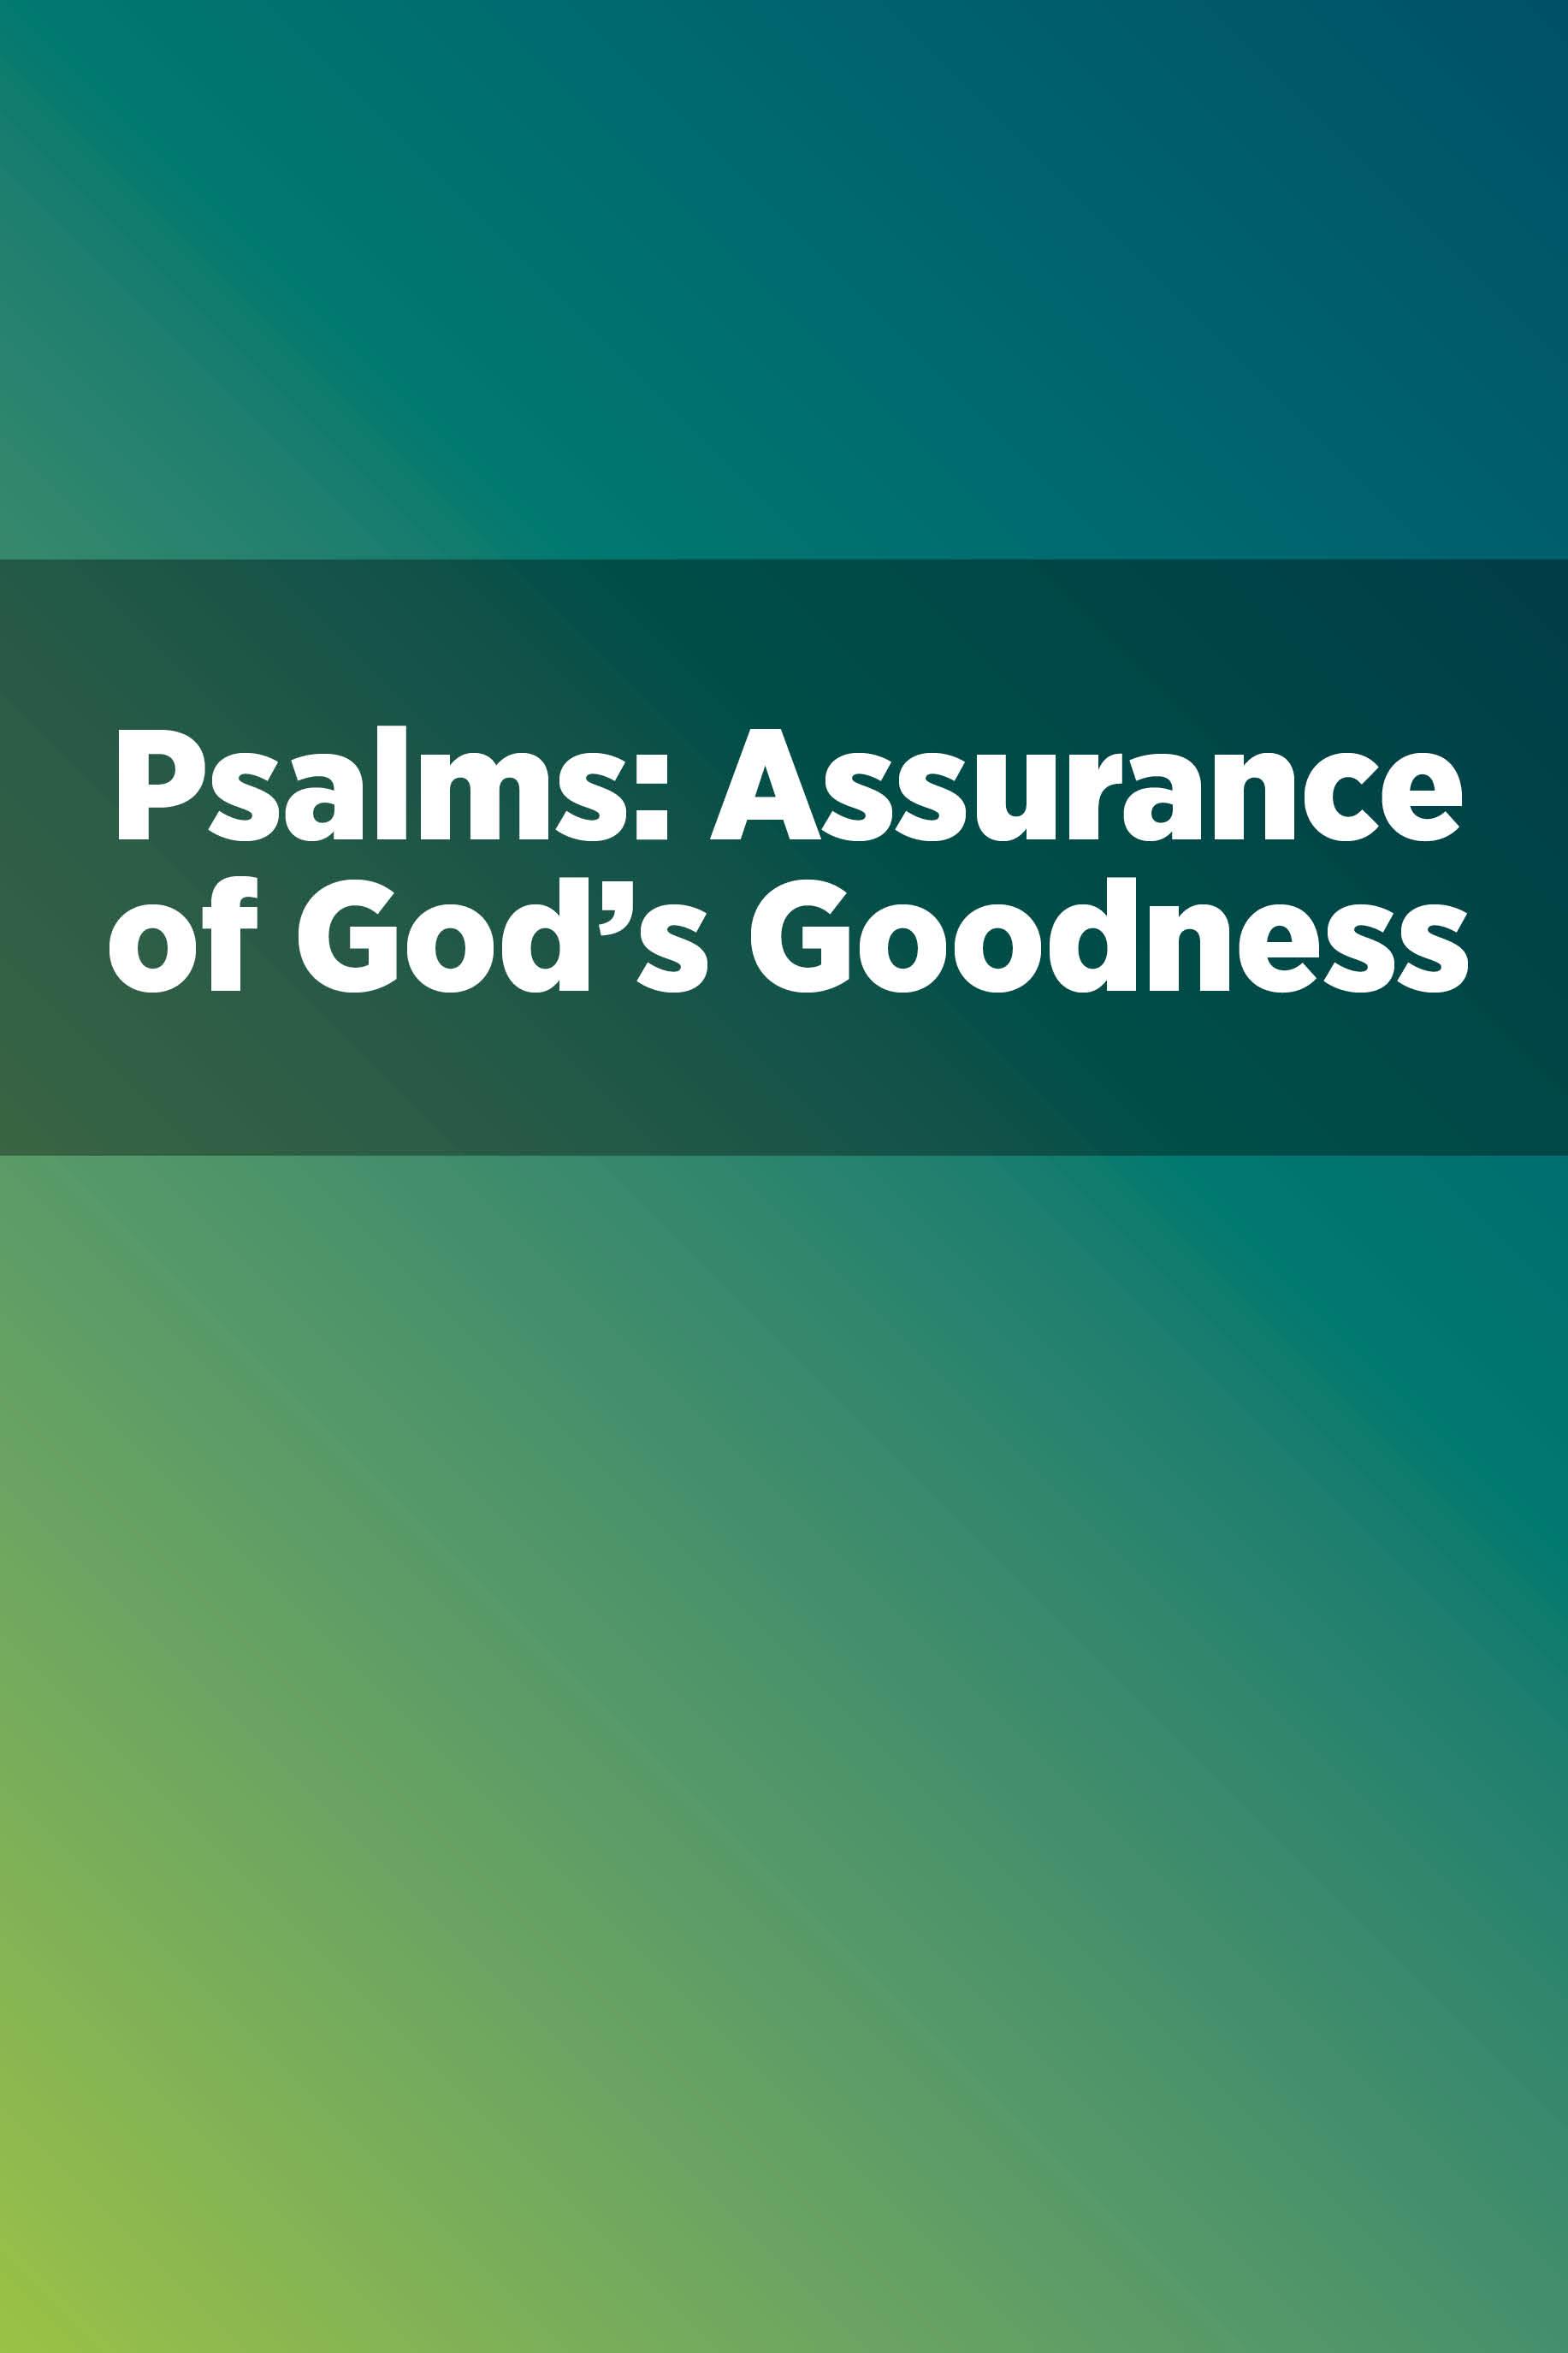 Psalms: Assurance of God's Goodness